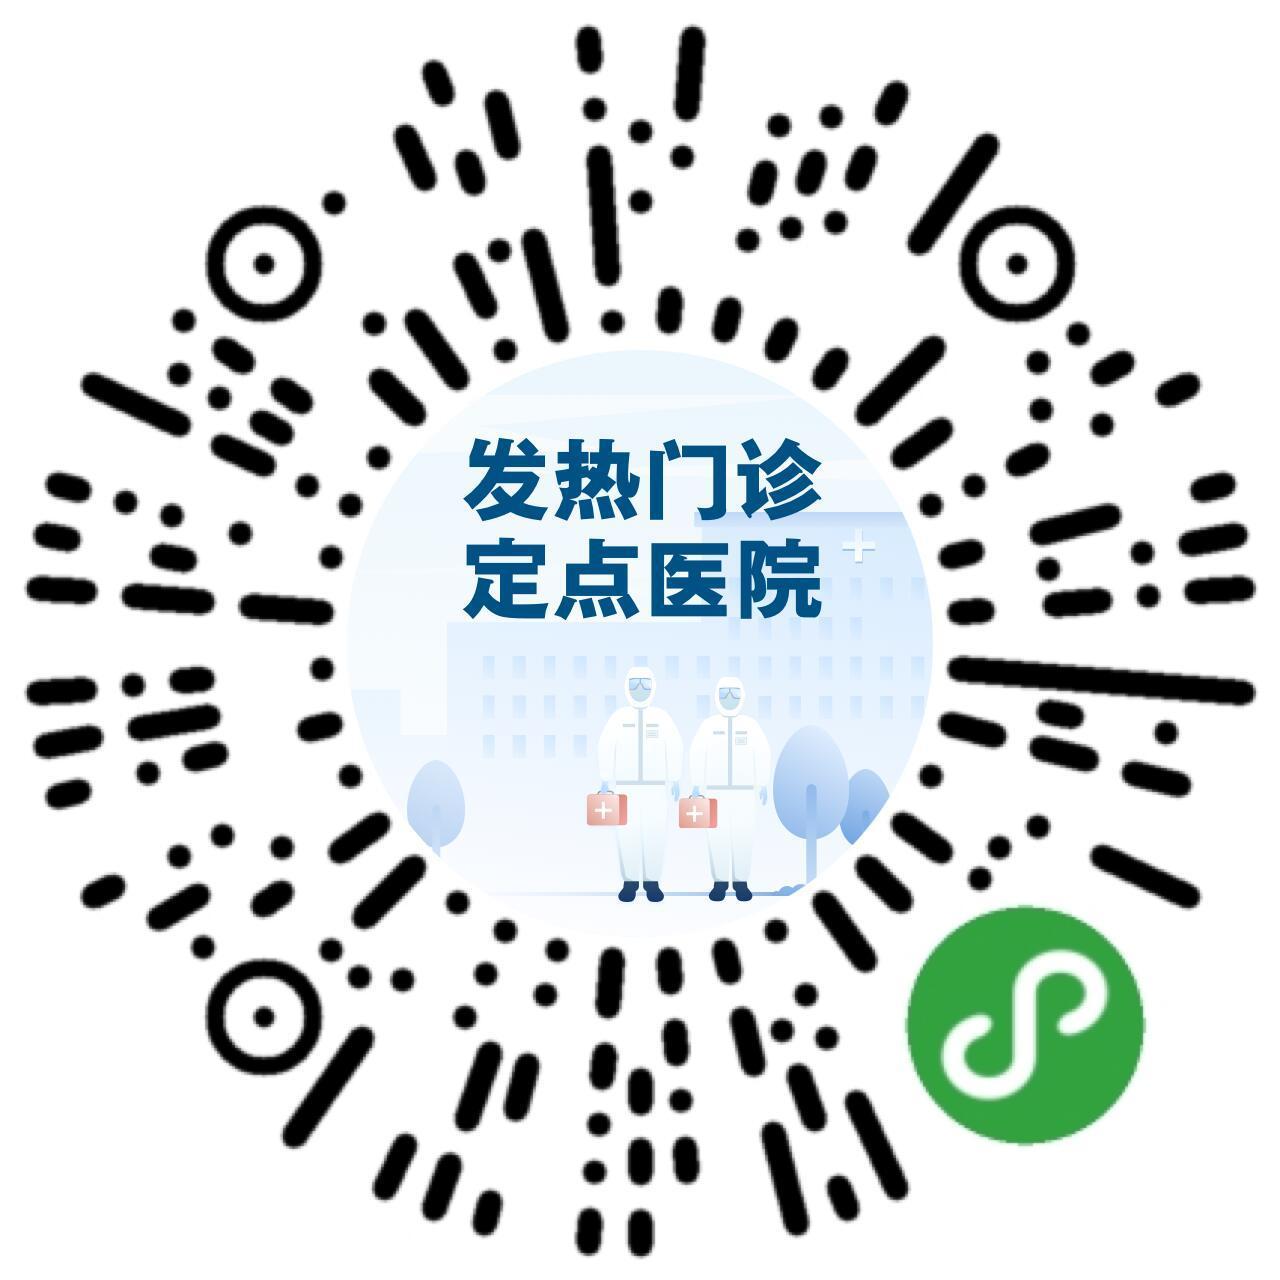 早财经丨A股延迟开市,2月3日恢复交易;西藏景区暂停接待游客;